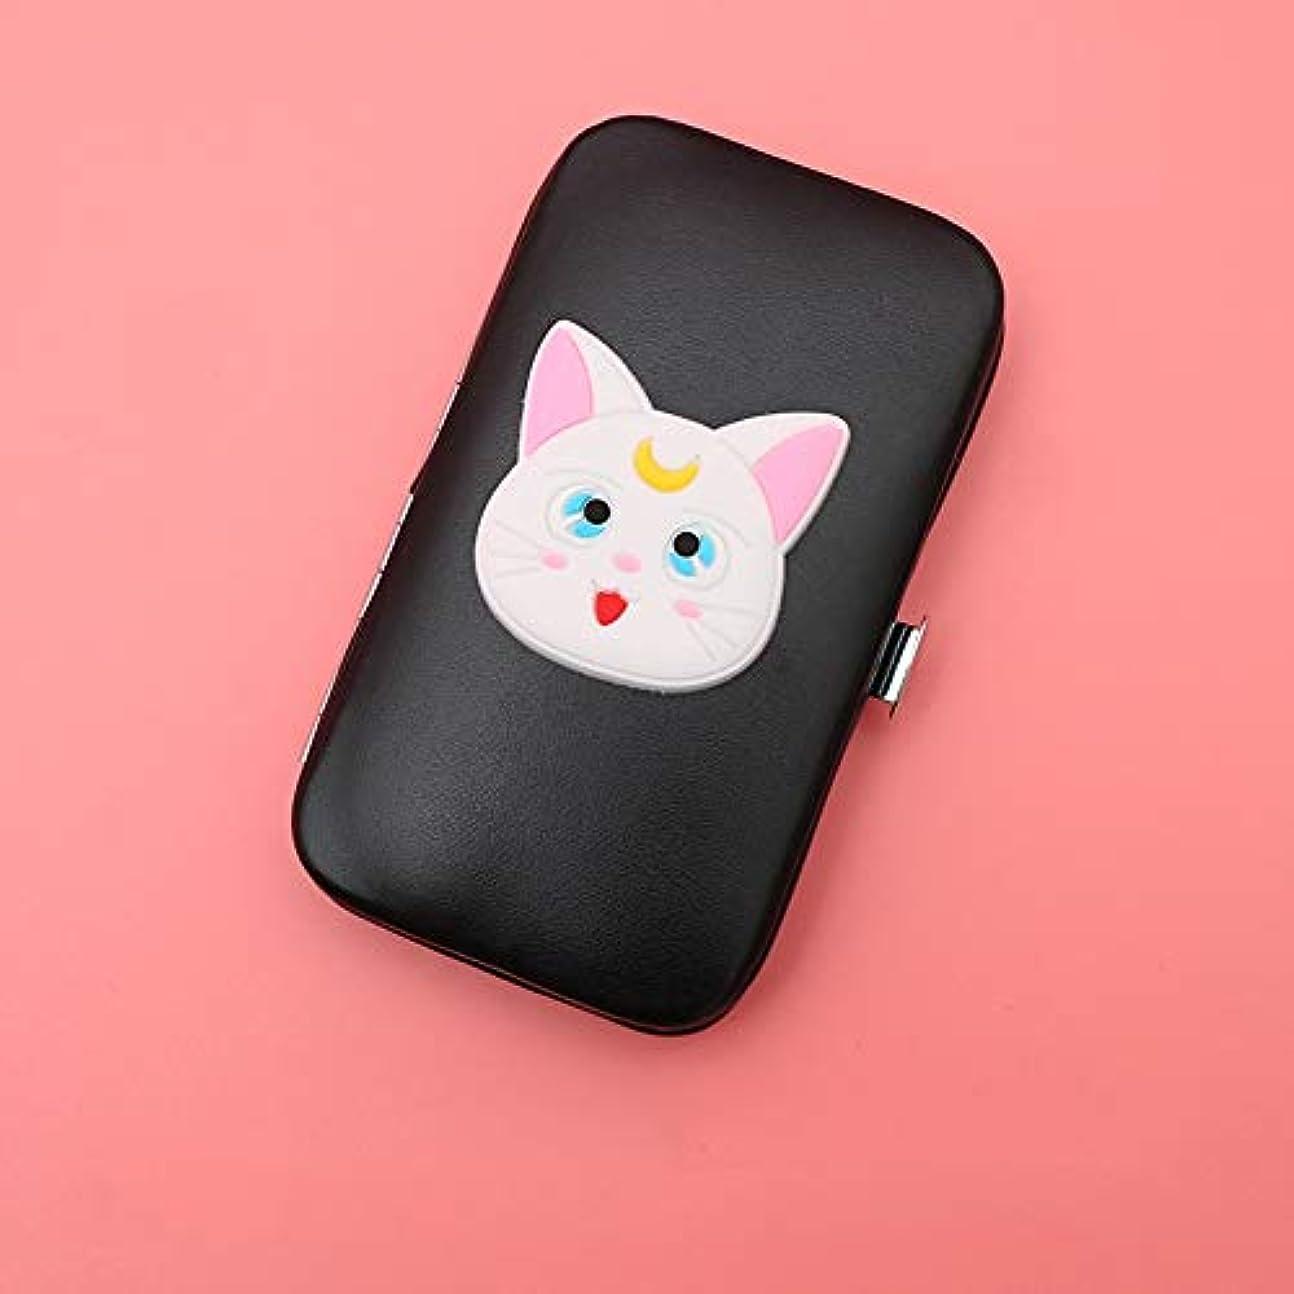 紫の梨電話するネイルクリッパー7点セット、ネイルビューティーツールセット、女の子漫画ブラック箱入り(ホワイトムーン猫)用マニキュアキット